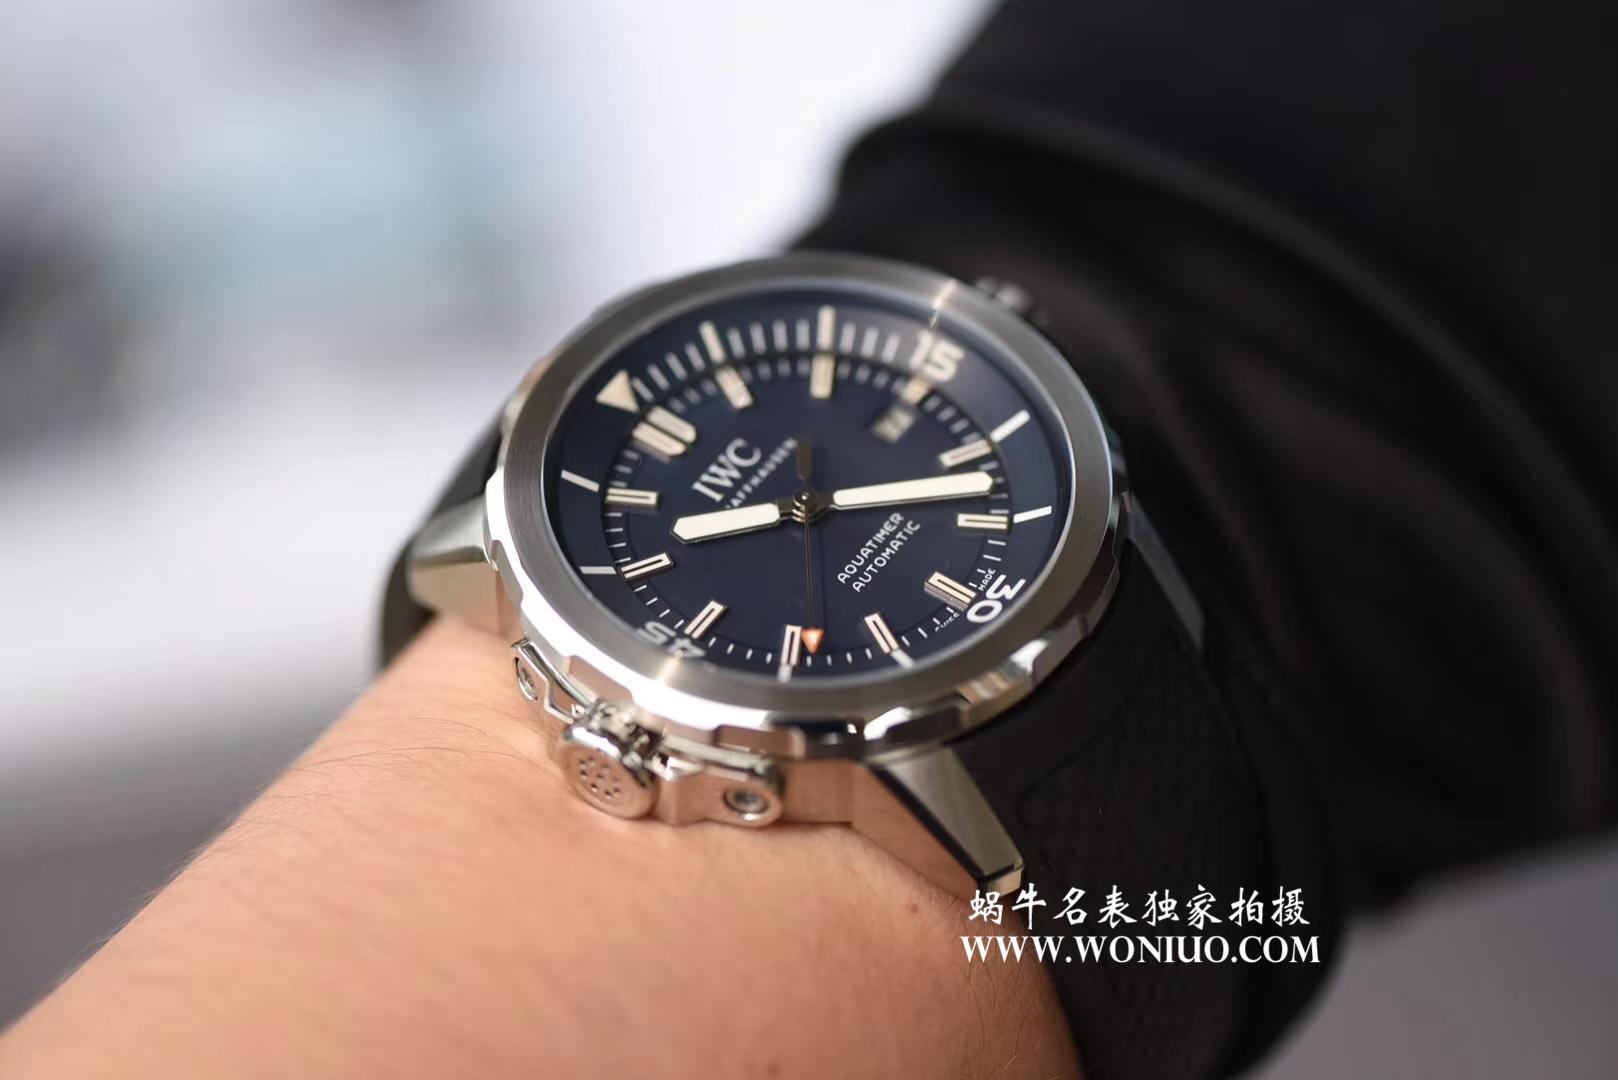 【HBBV6厂顶级复刻手表】IWC万国海洋时计系列IW329005腕表 / WG318